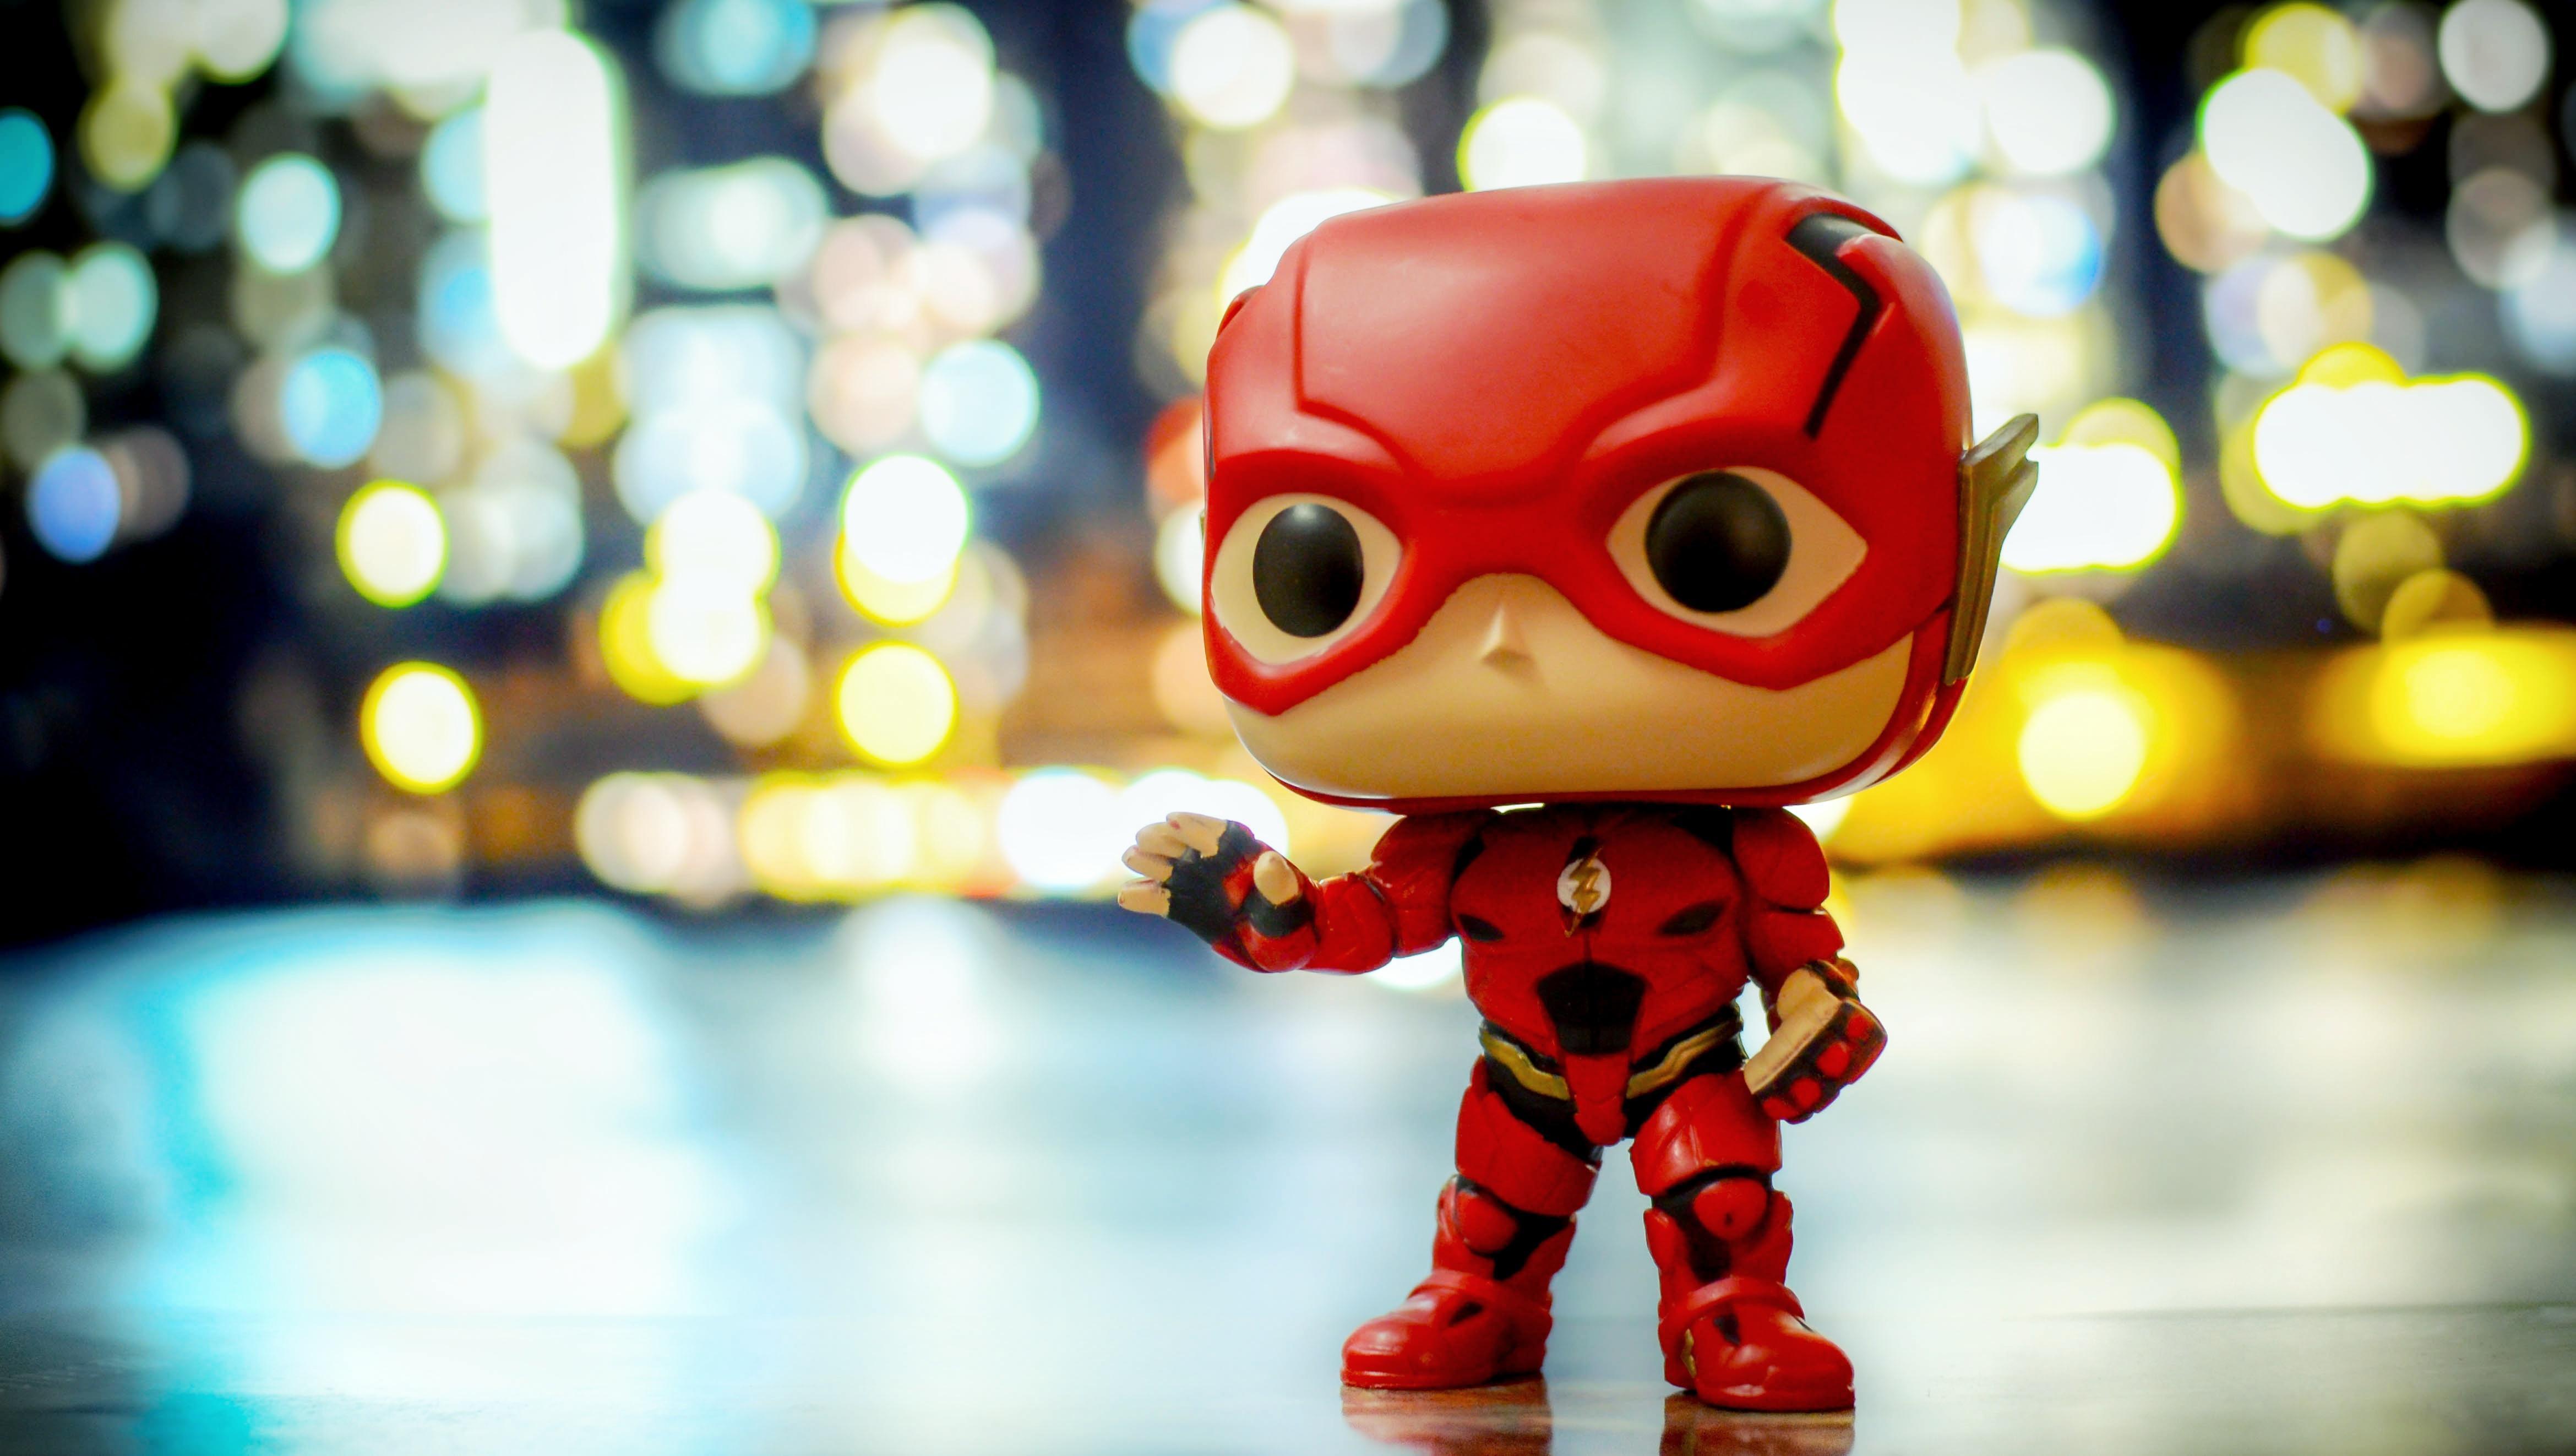 justice league flash funko pop 1574938679 - Justice League Flash Funko Pop -